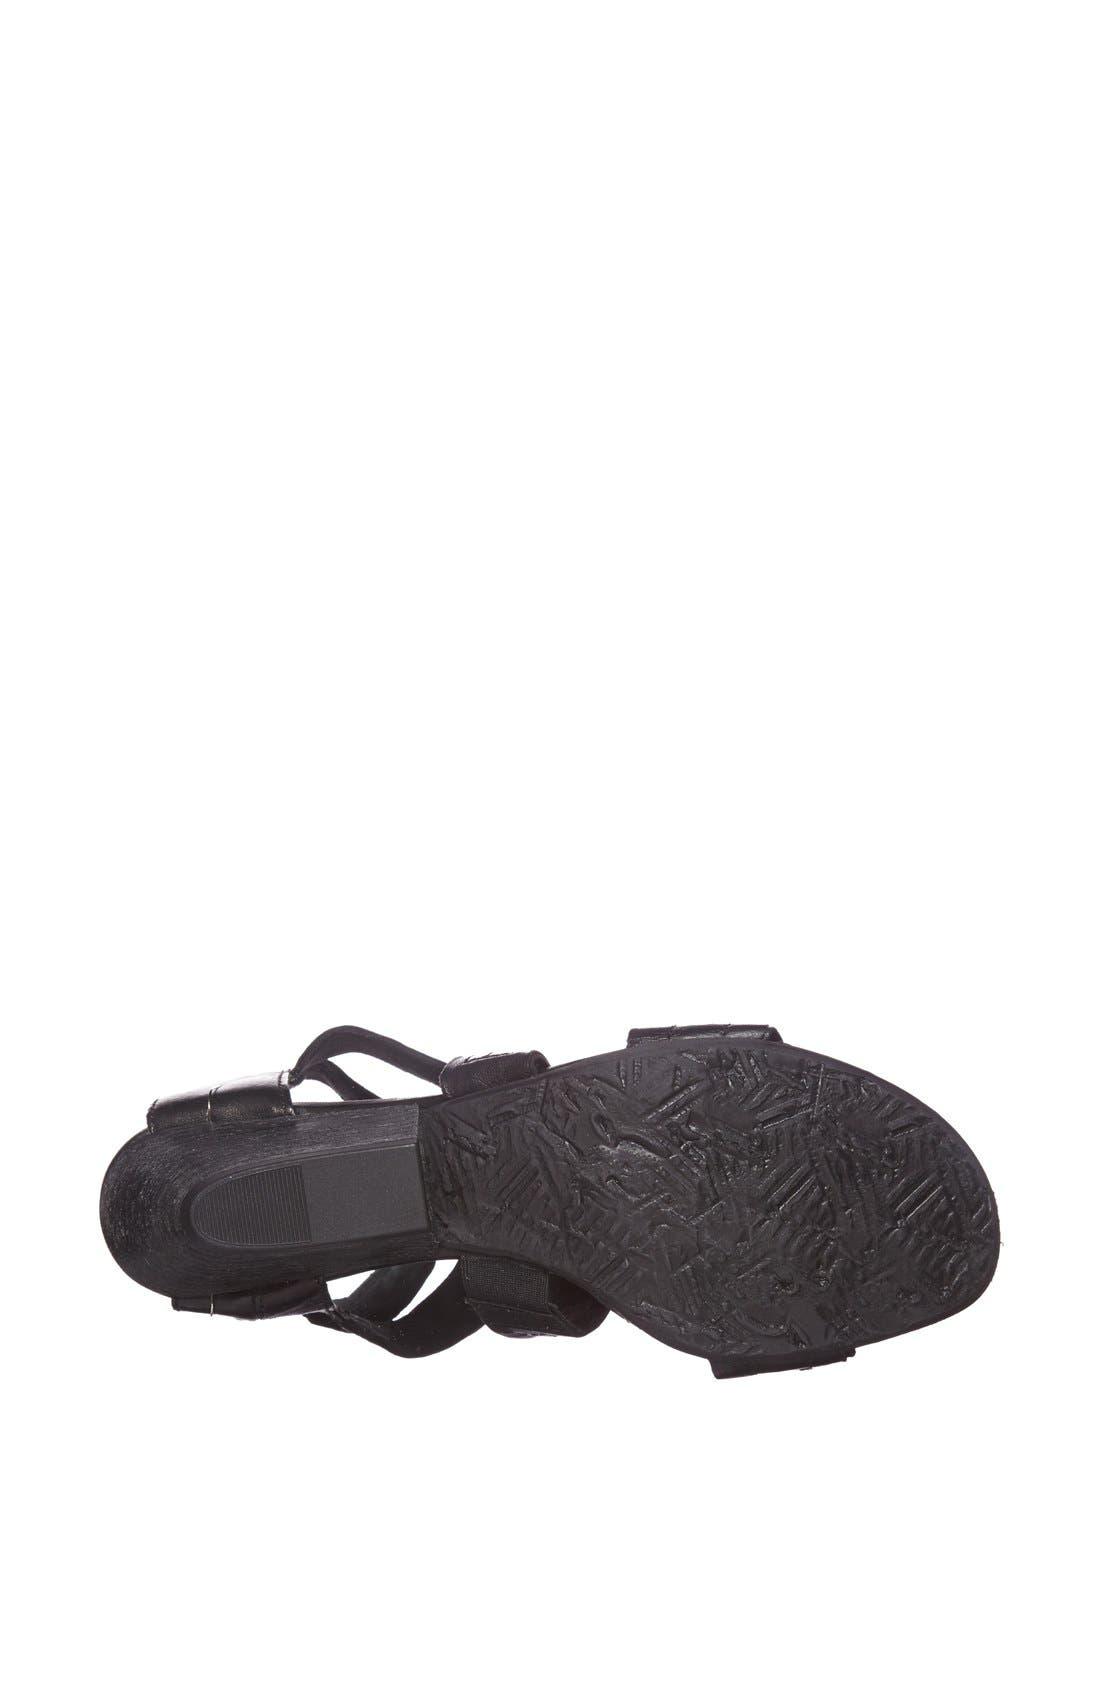 'Kenzie' Sandal,                             Alternate thumbnail 3, color,                             001